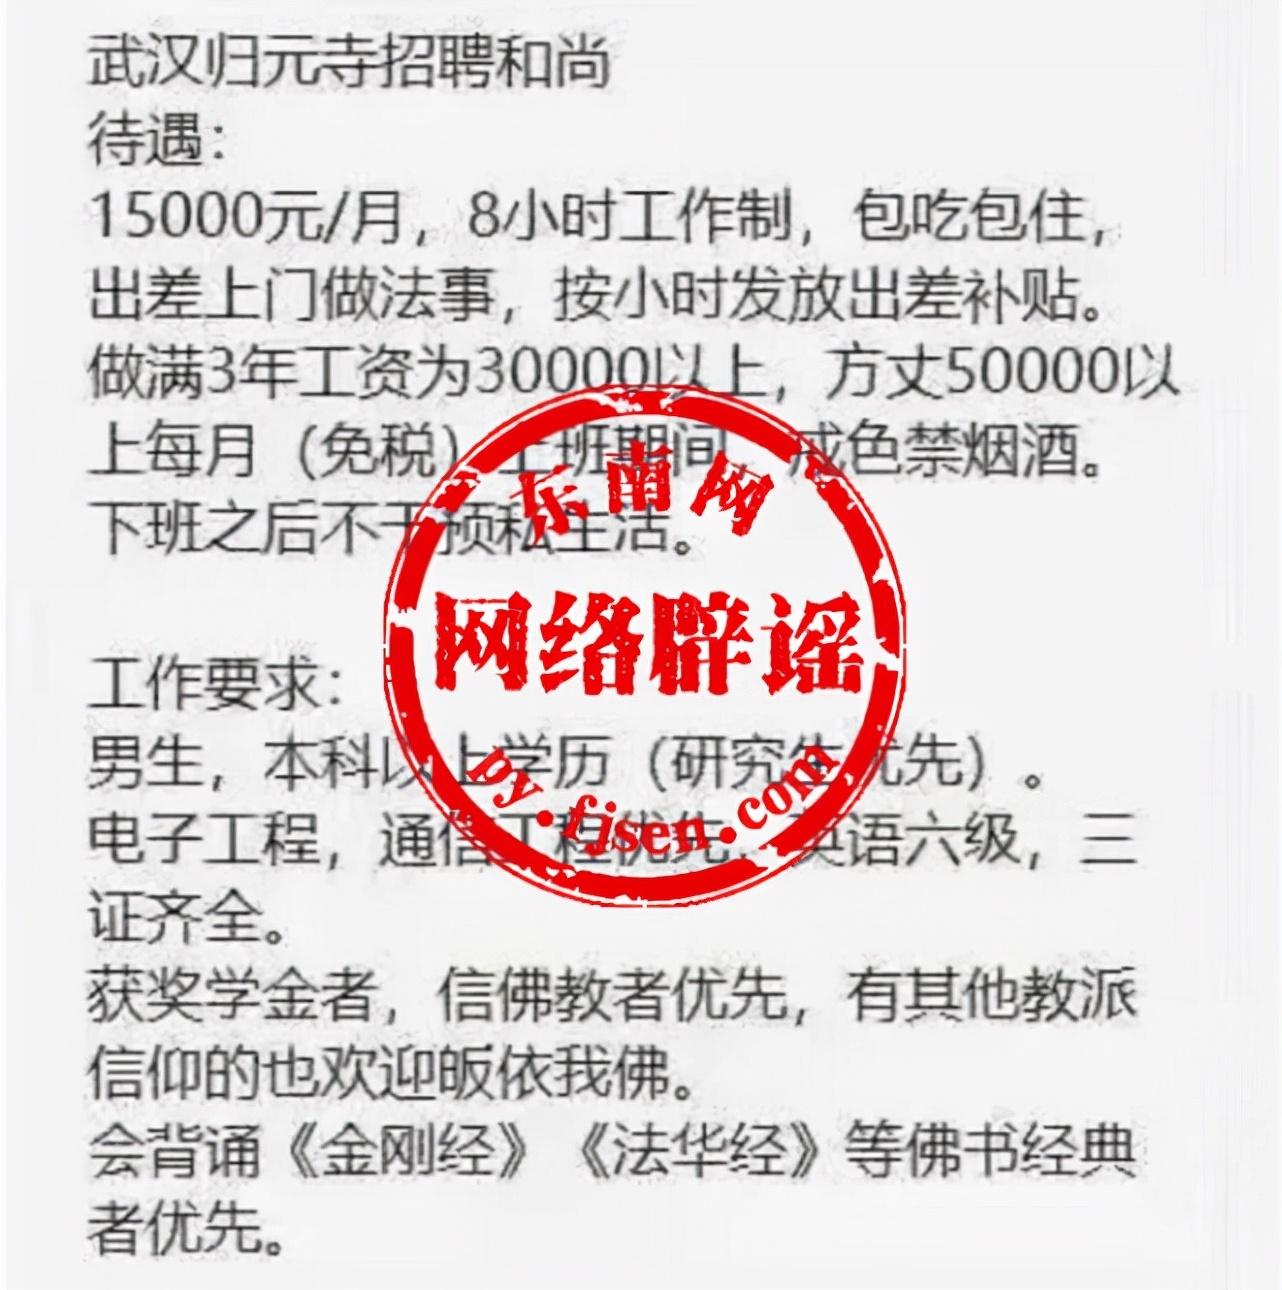 武汉归元寺招聘和尚月薪1.5万元?谣言